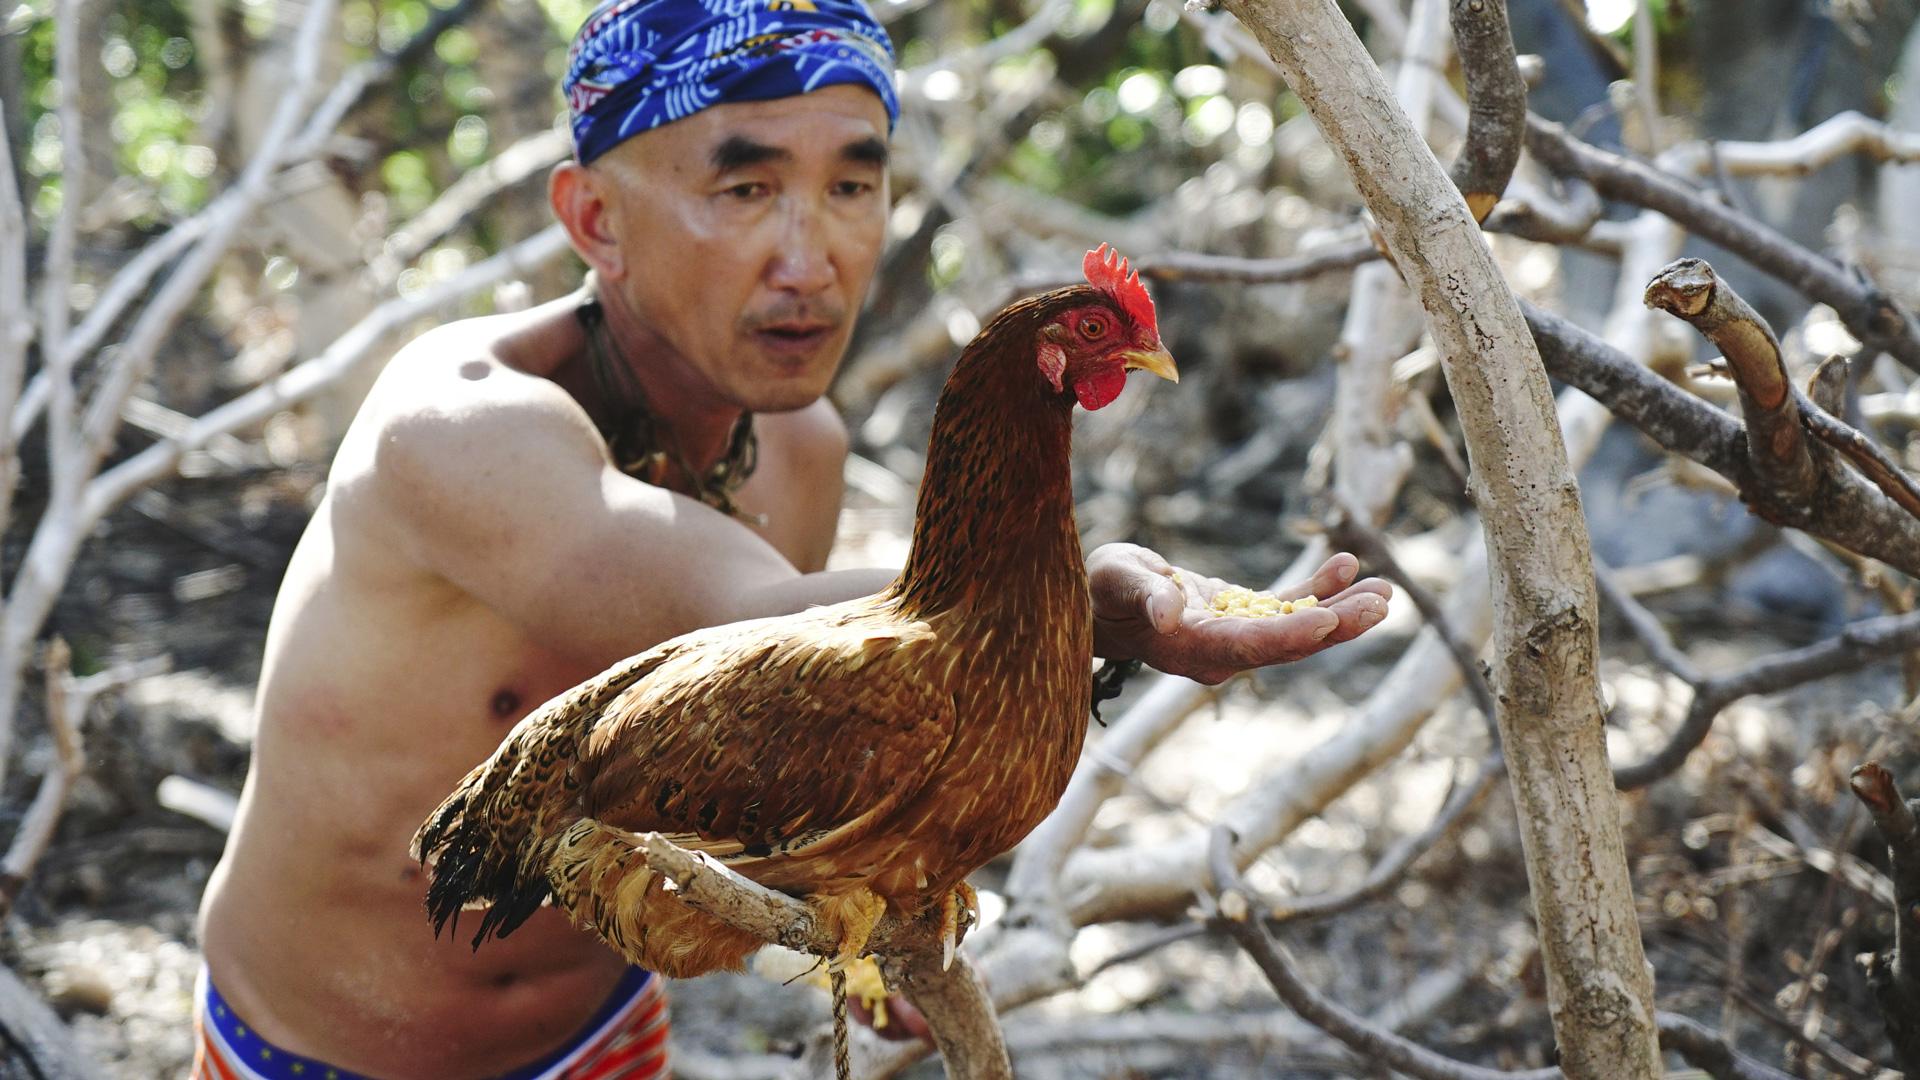 Survivor: Koah Rong finalist Tai Trang befriends a new chicken as he settles in.